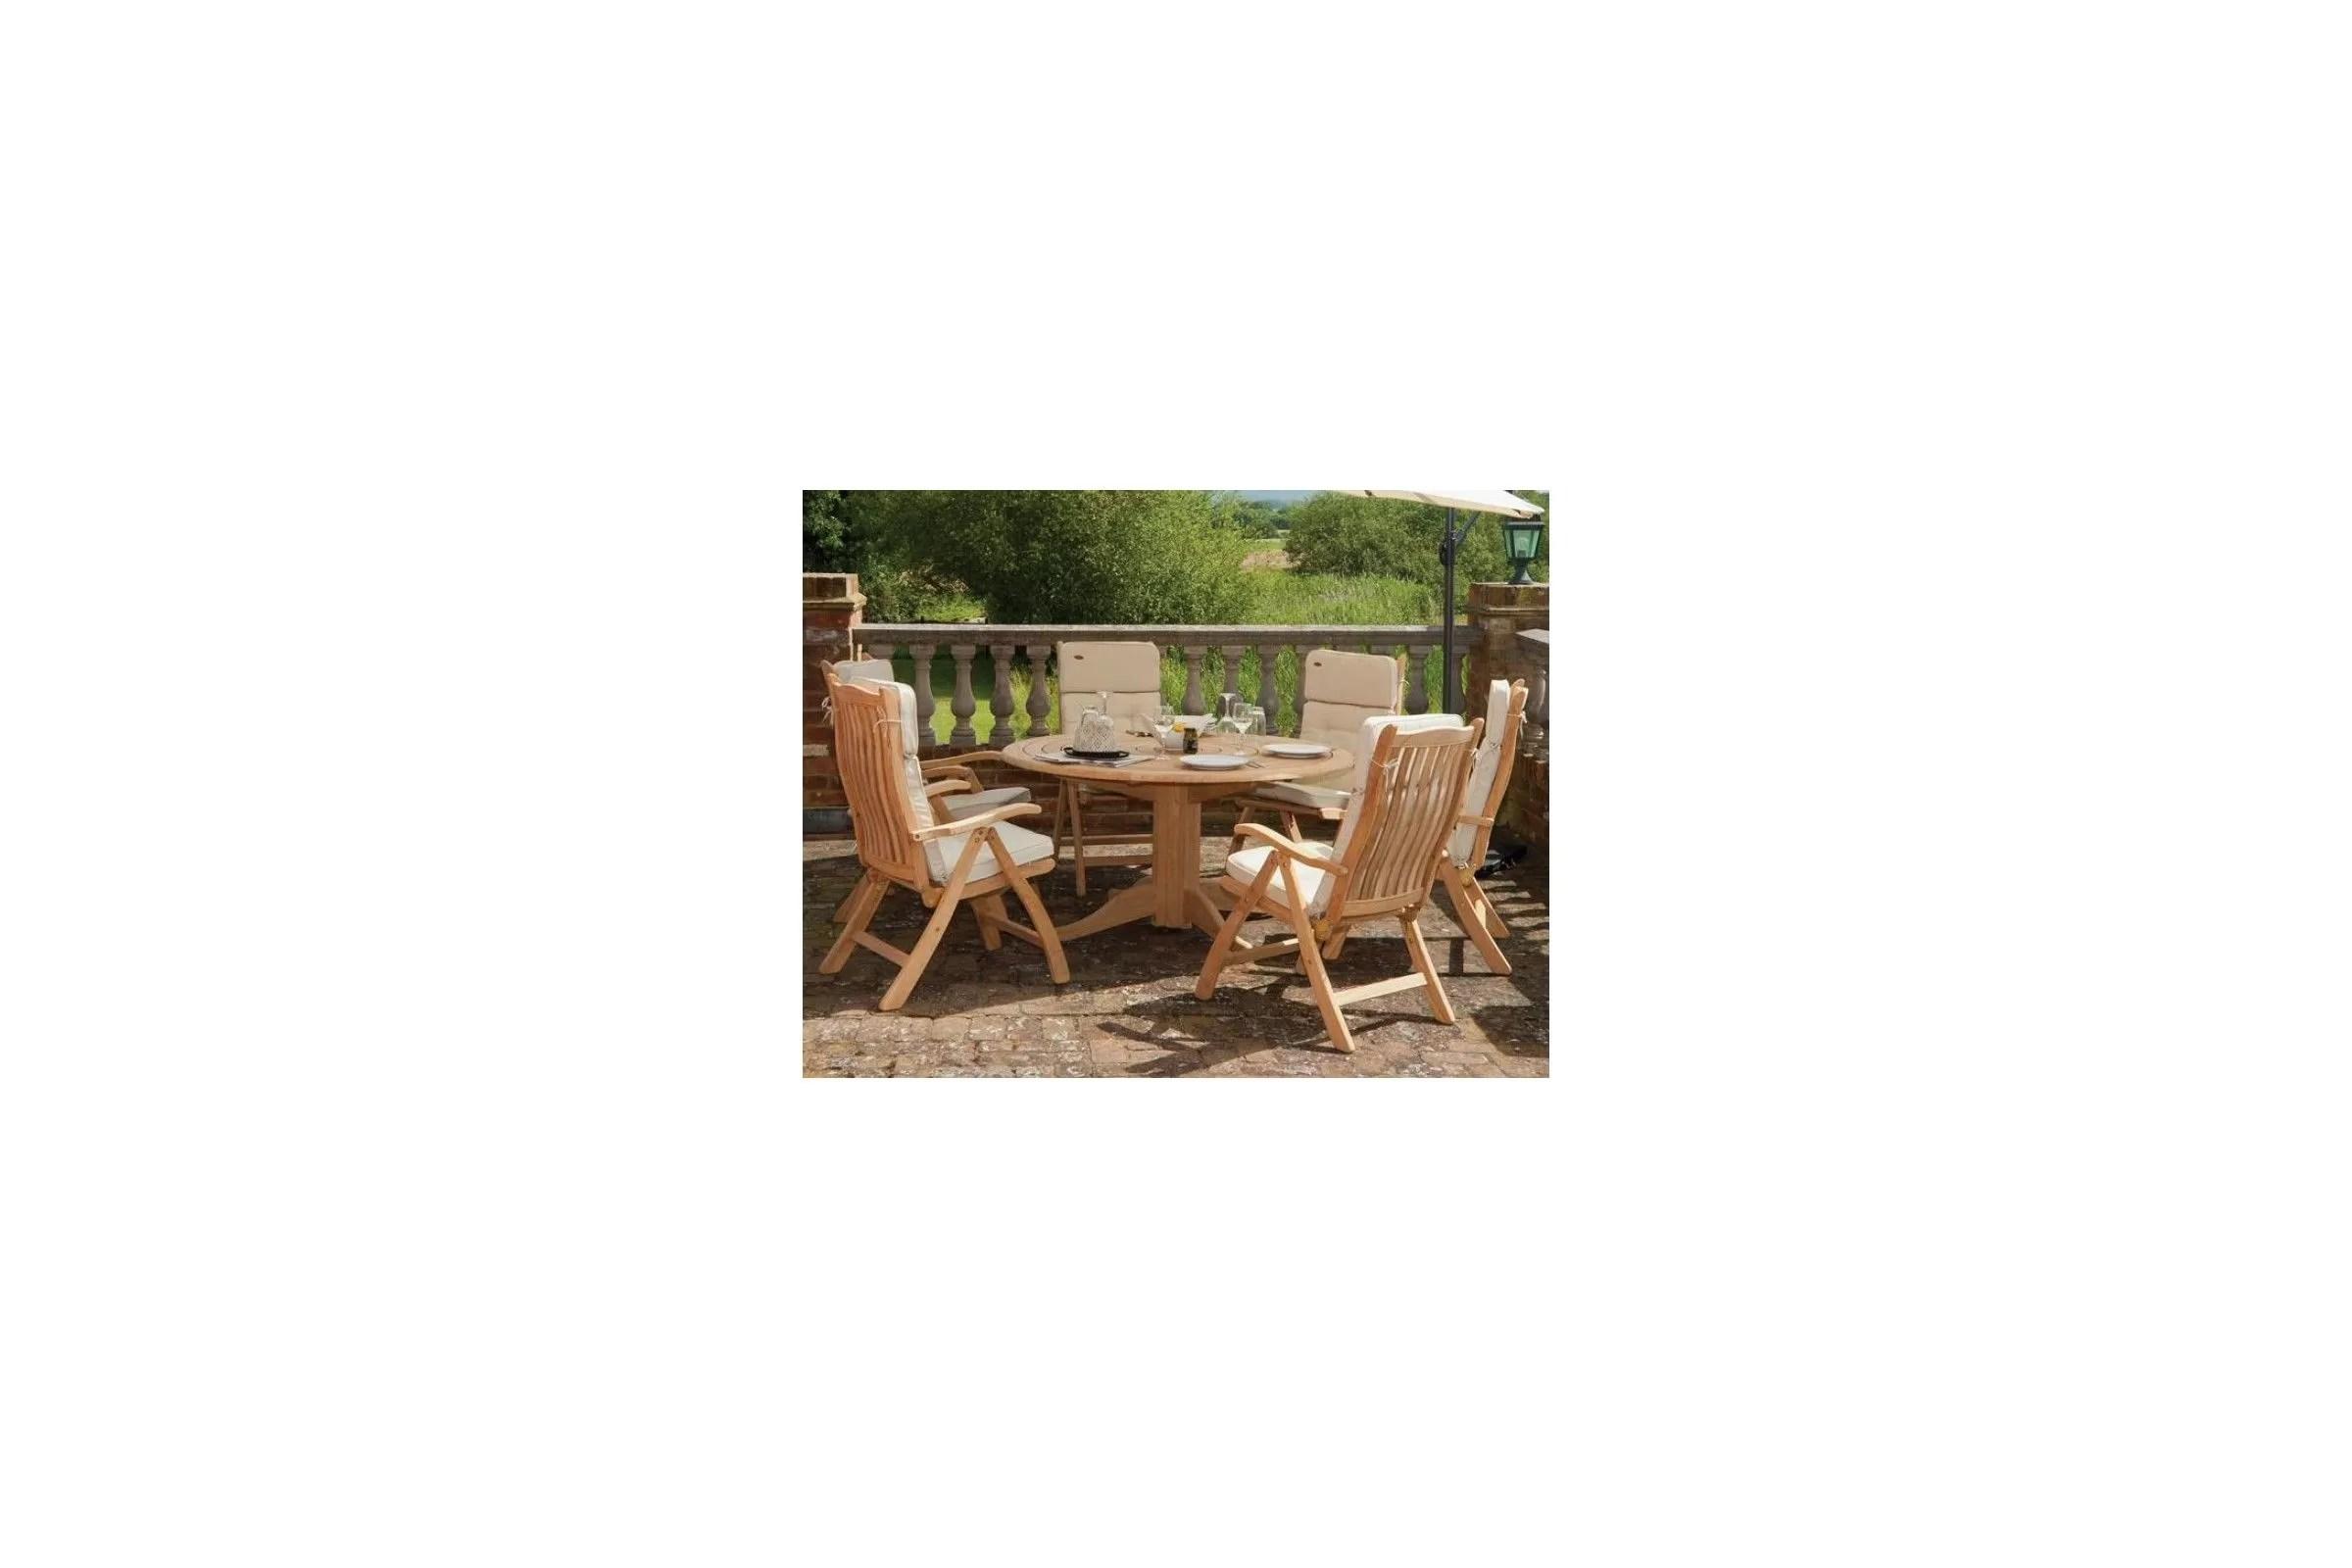 Table de jardin ronde en bois d 145 cm et 175 cm haut de gamme